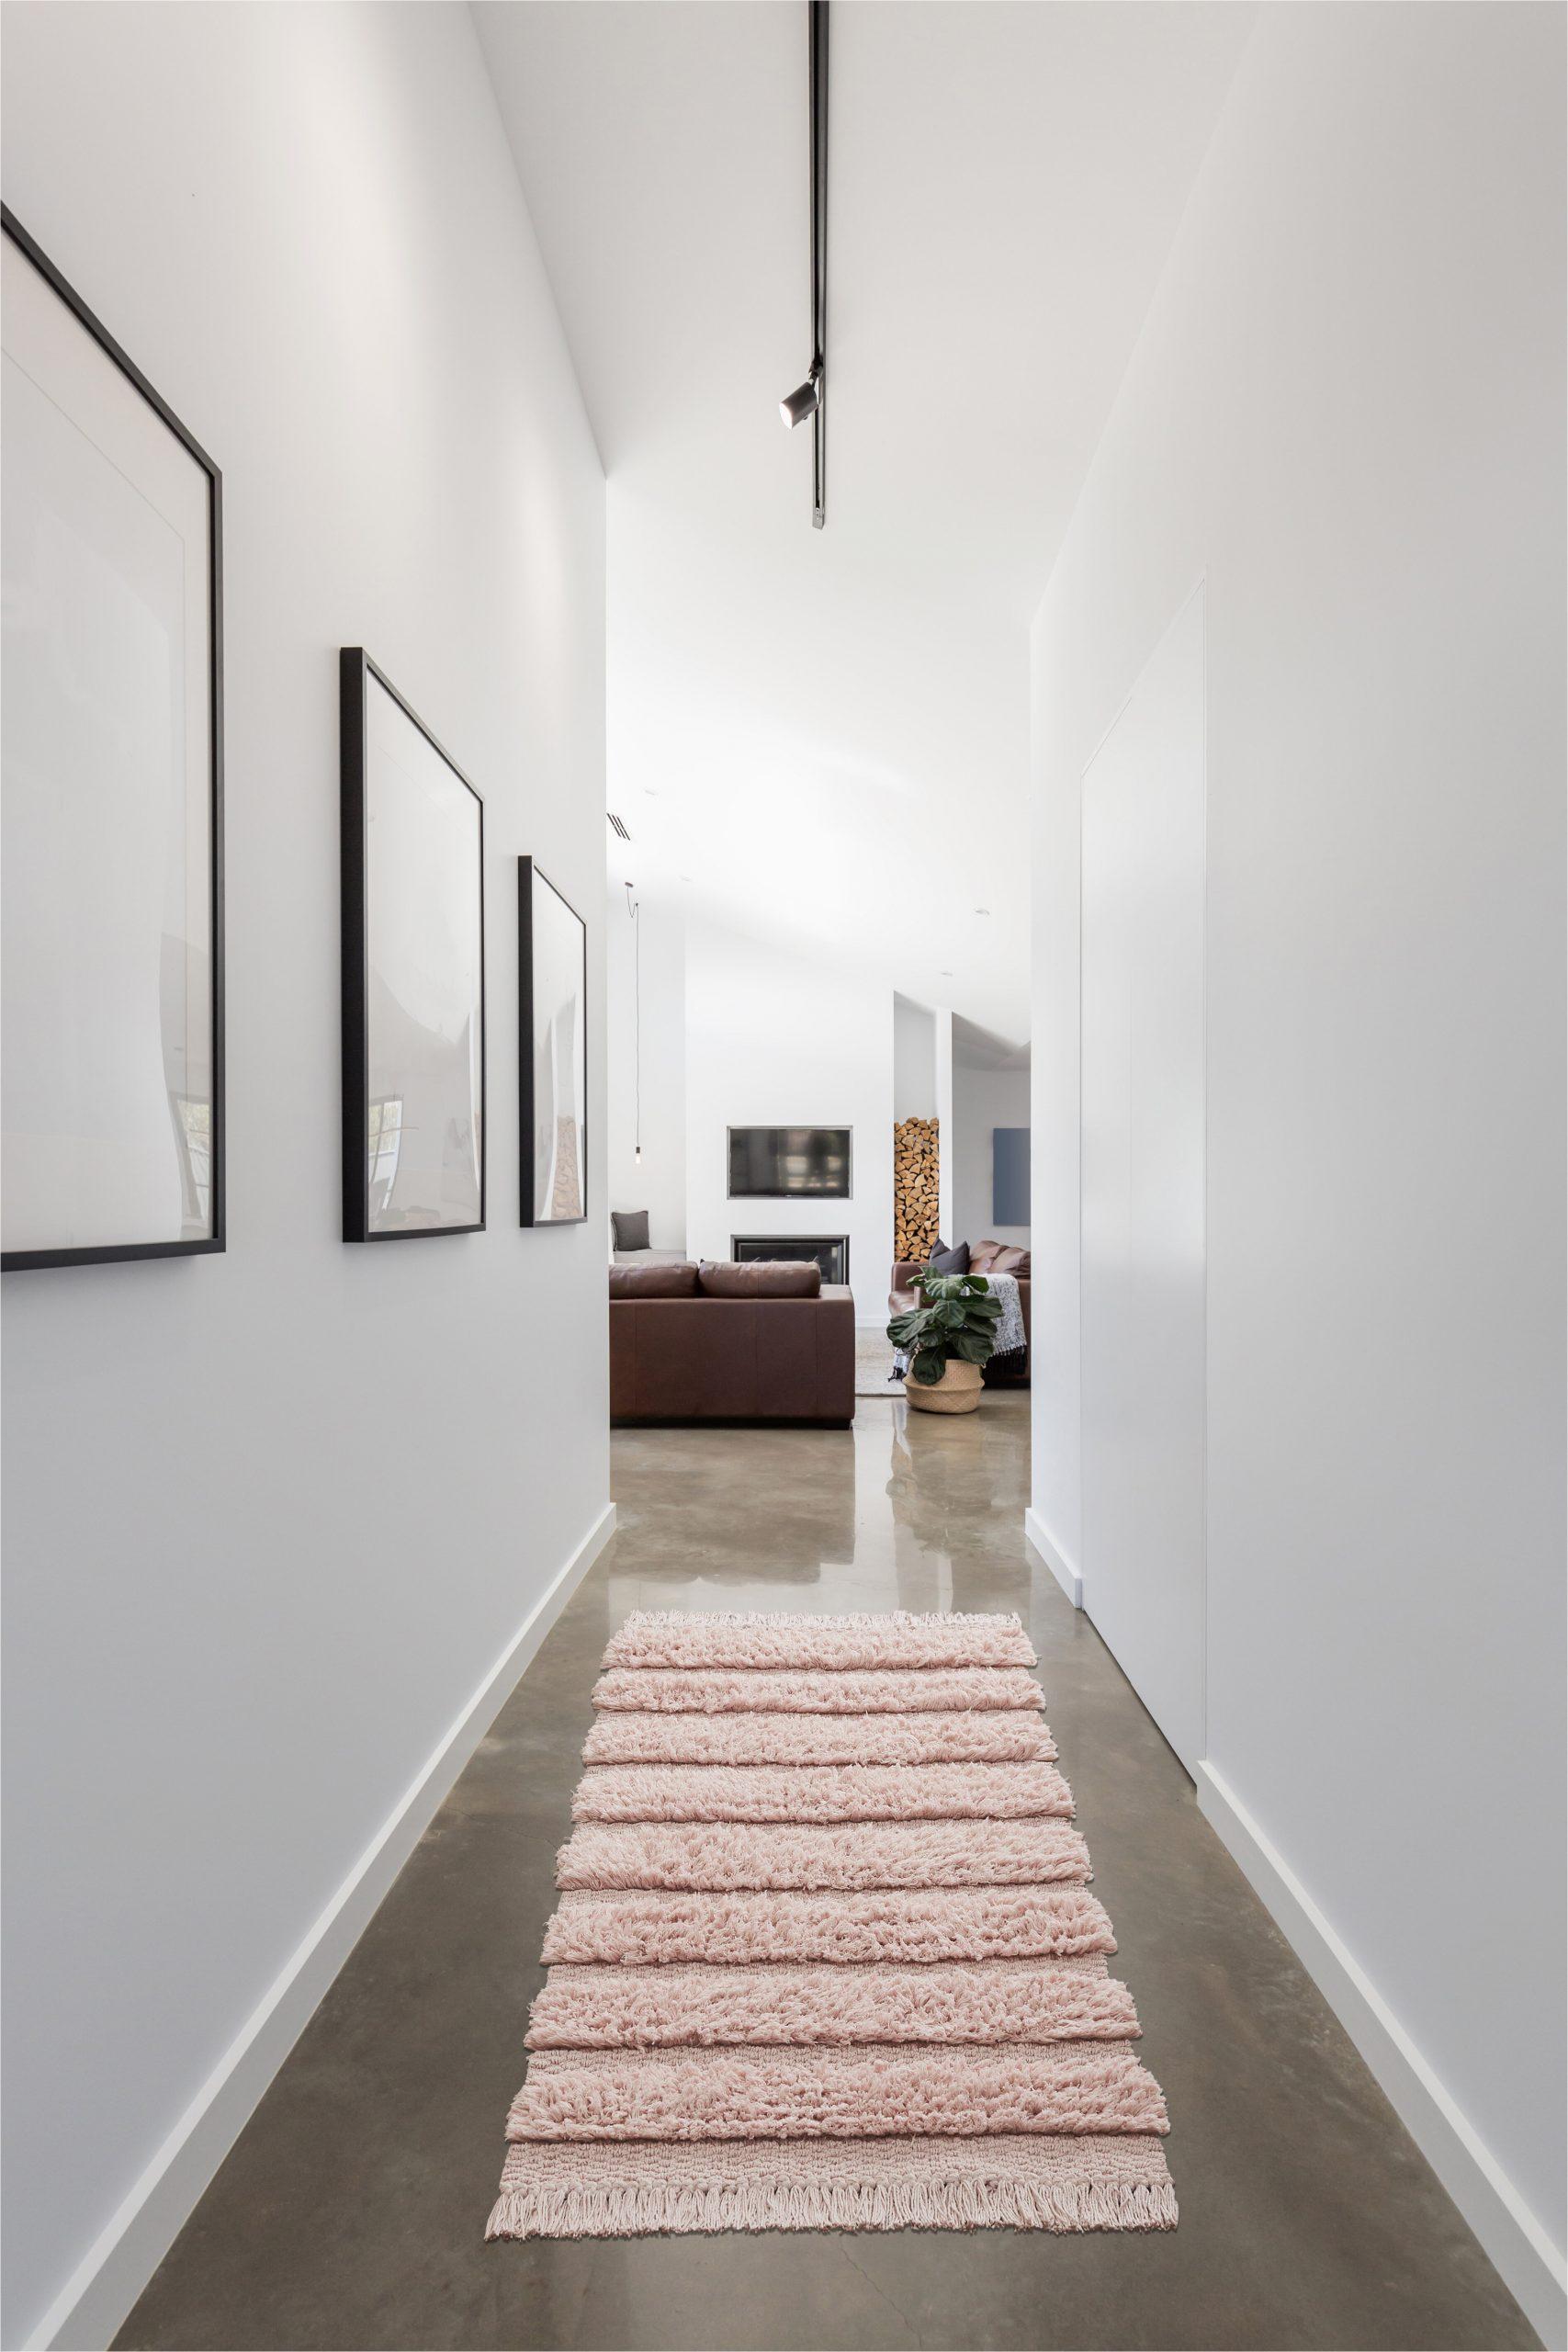 pink bath rugs mats c531249 a970333283